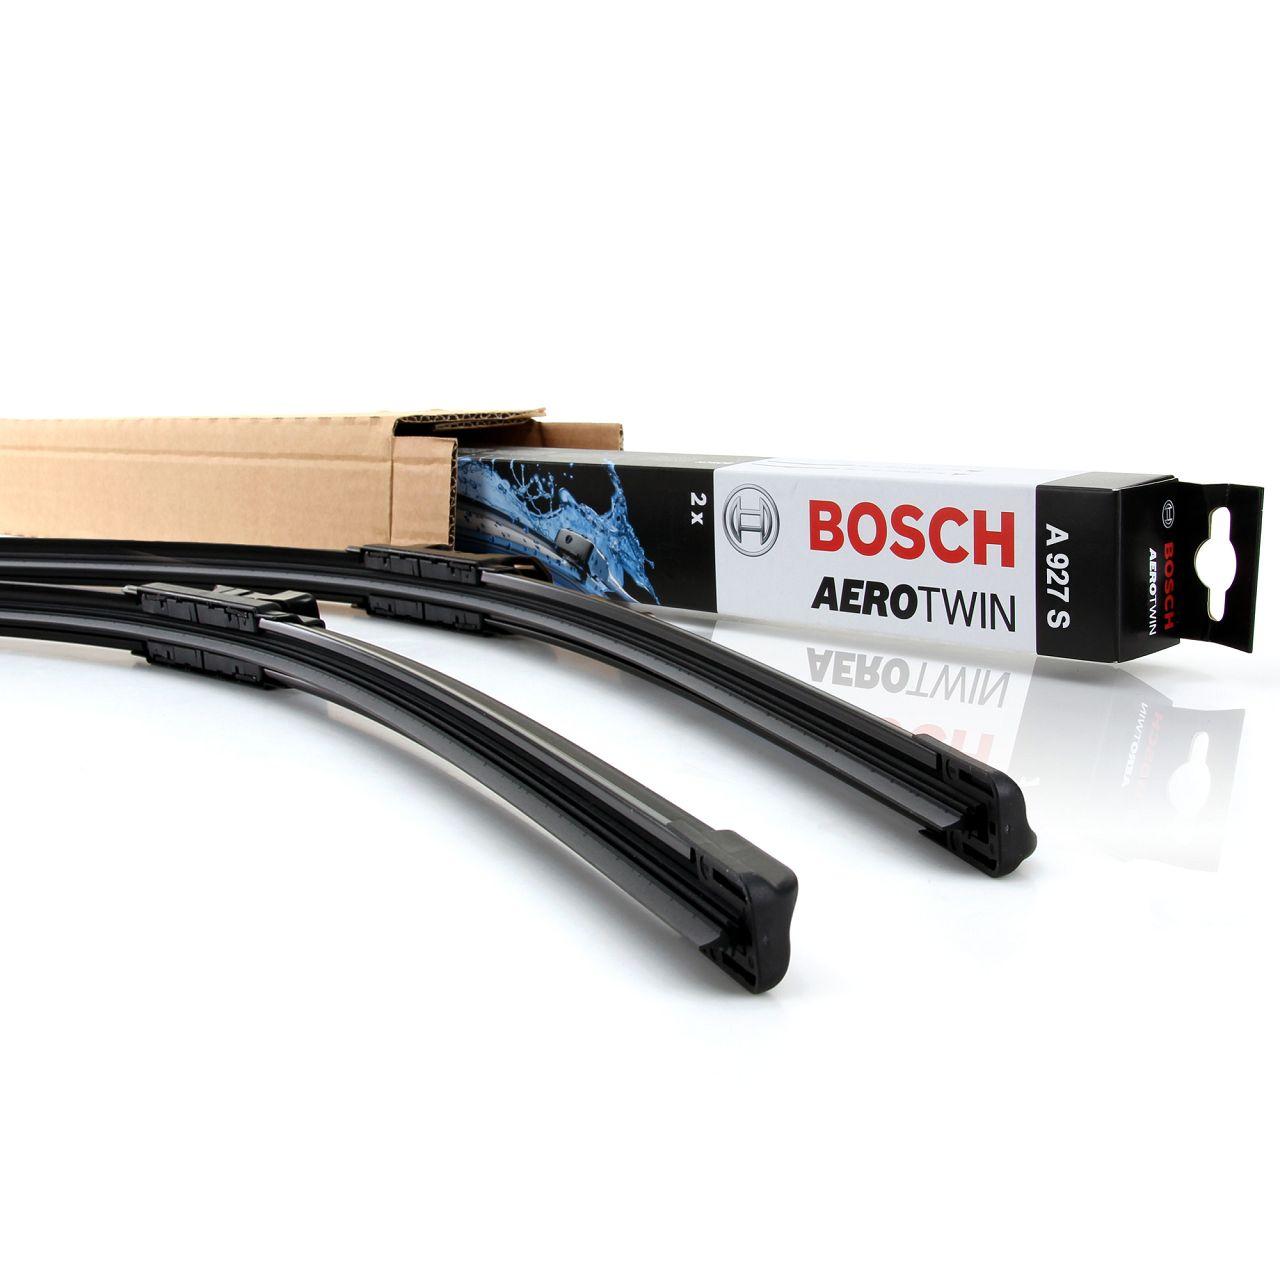 BOSCH AEROTWIN A927S Scheibenwischer Wischerblätter für VW BORA GOLF 4 POLO 9N